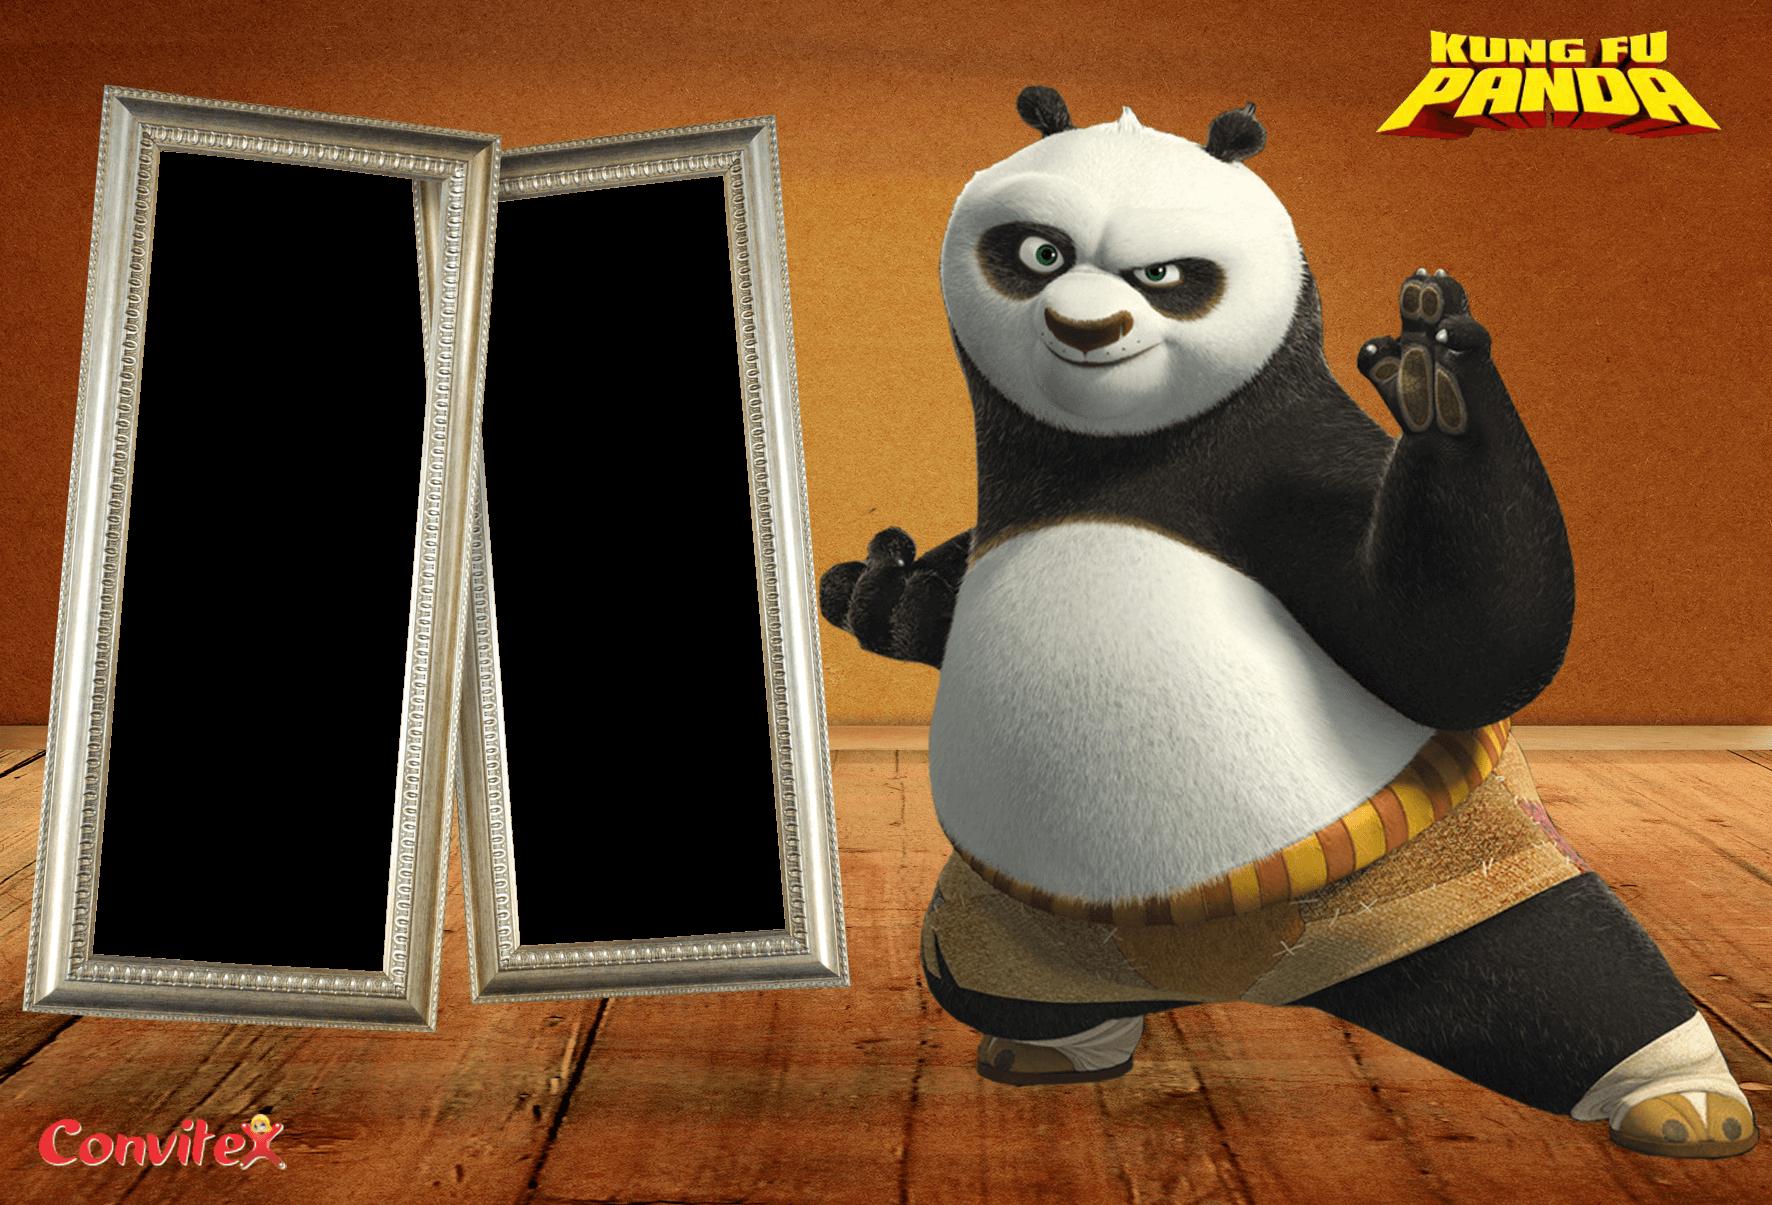 Marco De Foto Kung Fu Panda online gratis - Marco De Foto Kung Fu Panda online gratis